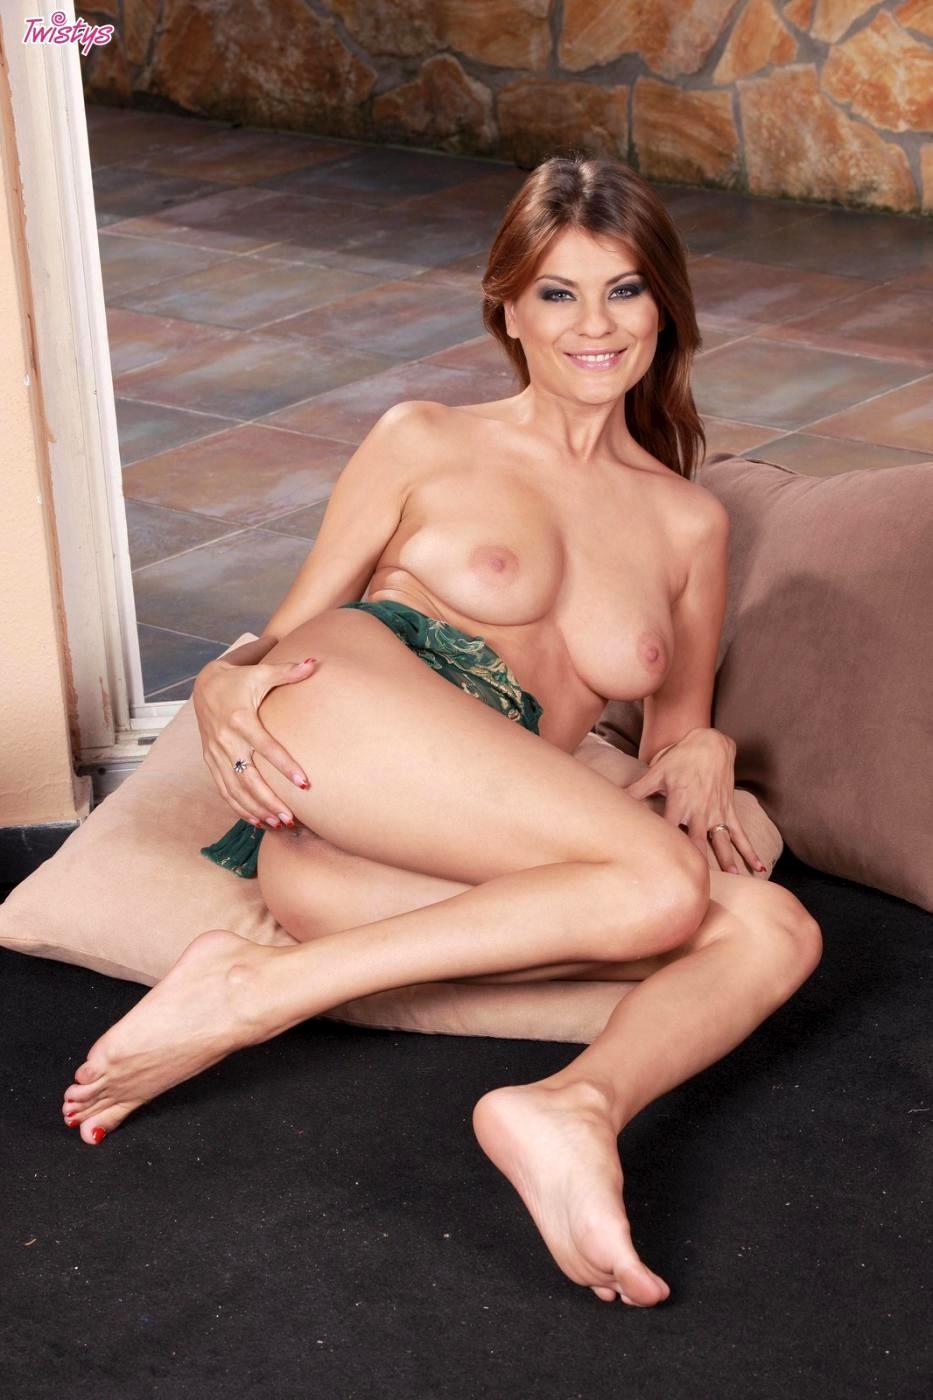 Jasmine rouge porn pics-7713